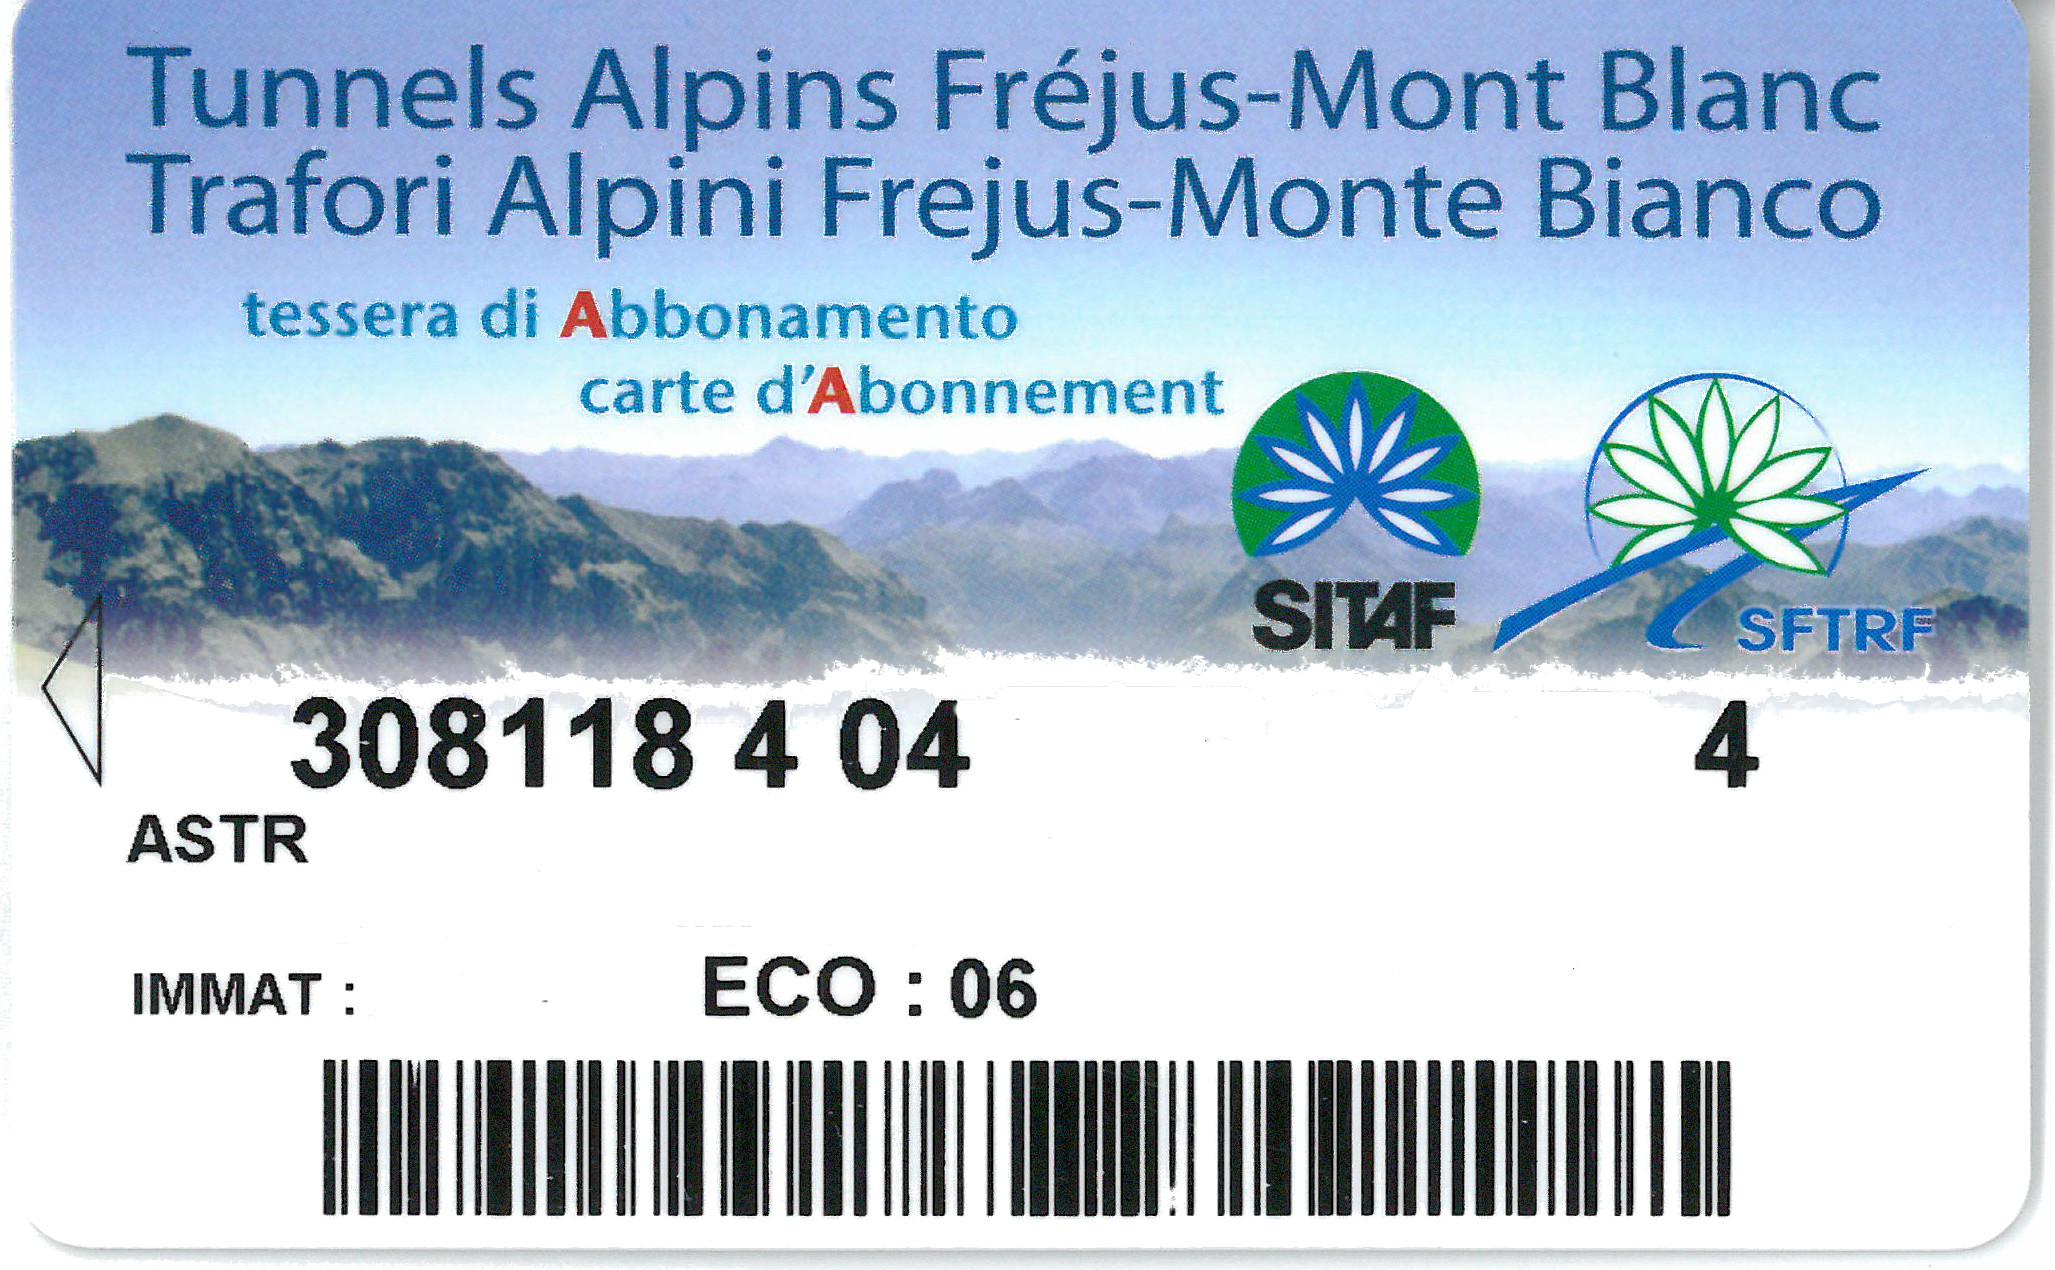 CARTE ABONNEMENT FREJUS-MT BLANC